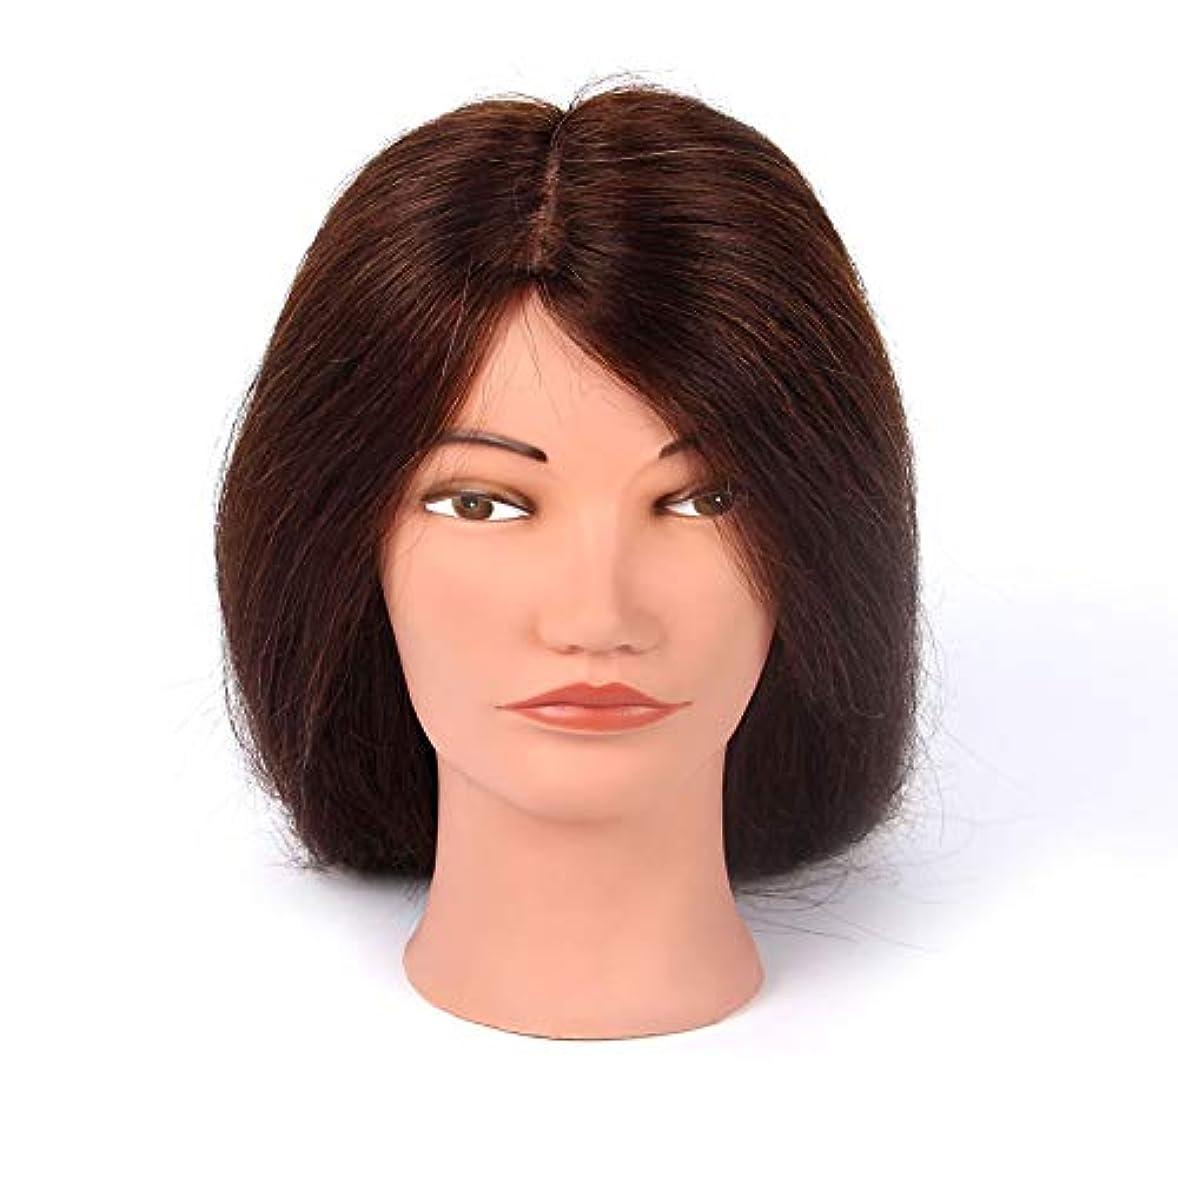 聞きます満たす地平線理髪練習ヘッド吹くホットロールダミーヘッドパーマ髪の染め指導ヘッドメイクアップヘアスタイリングモデルヘッド